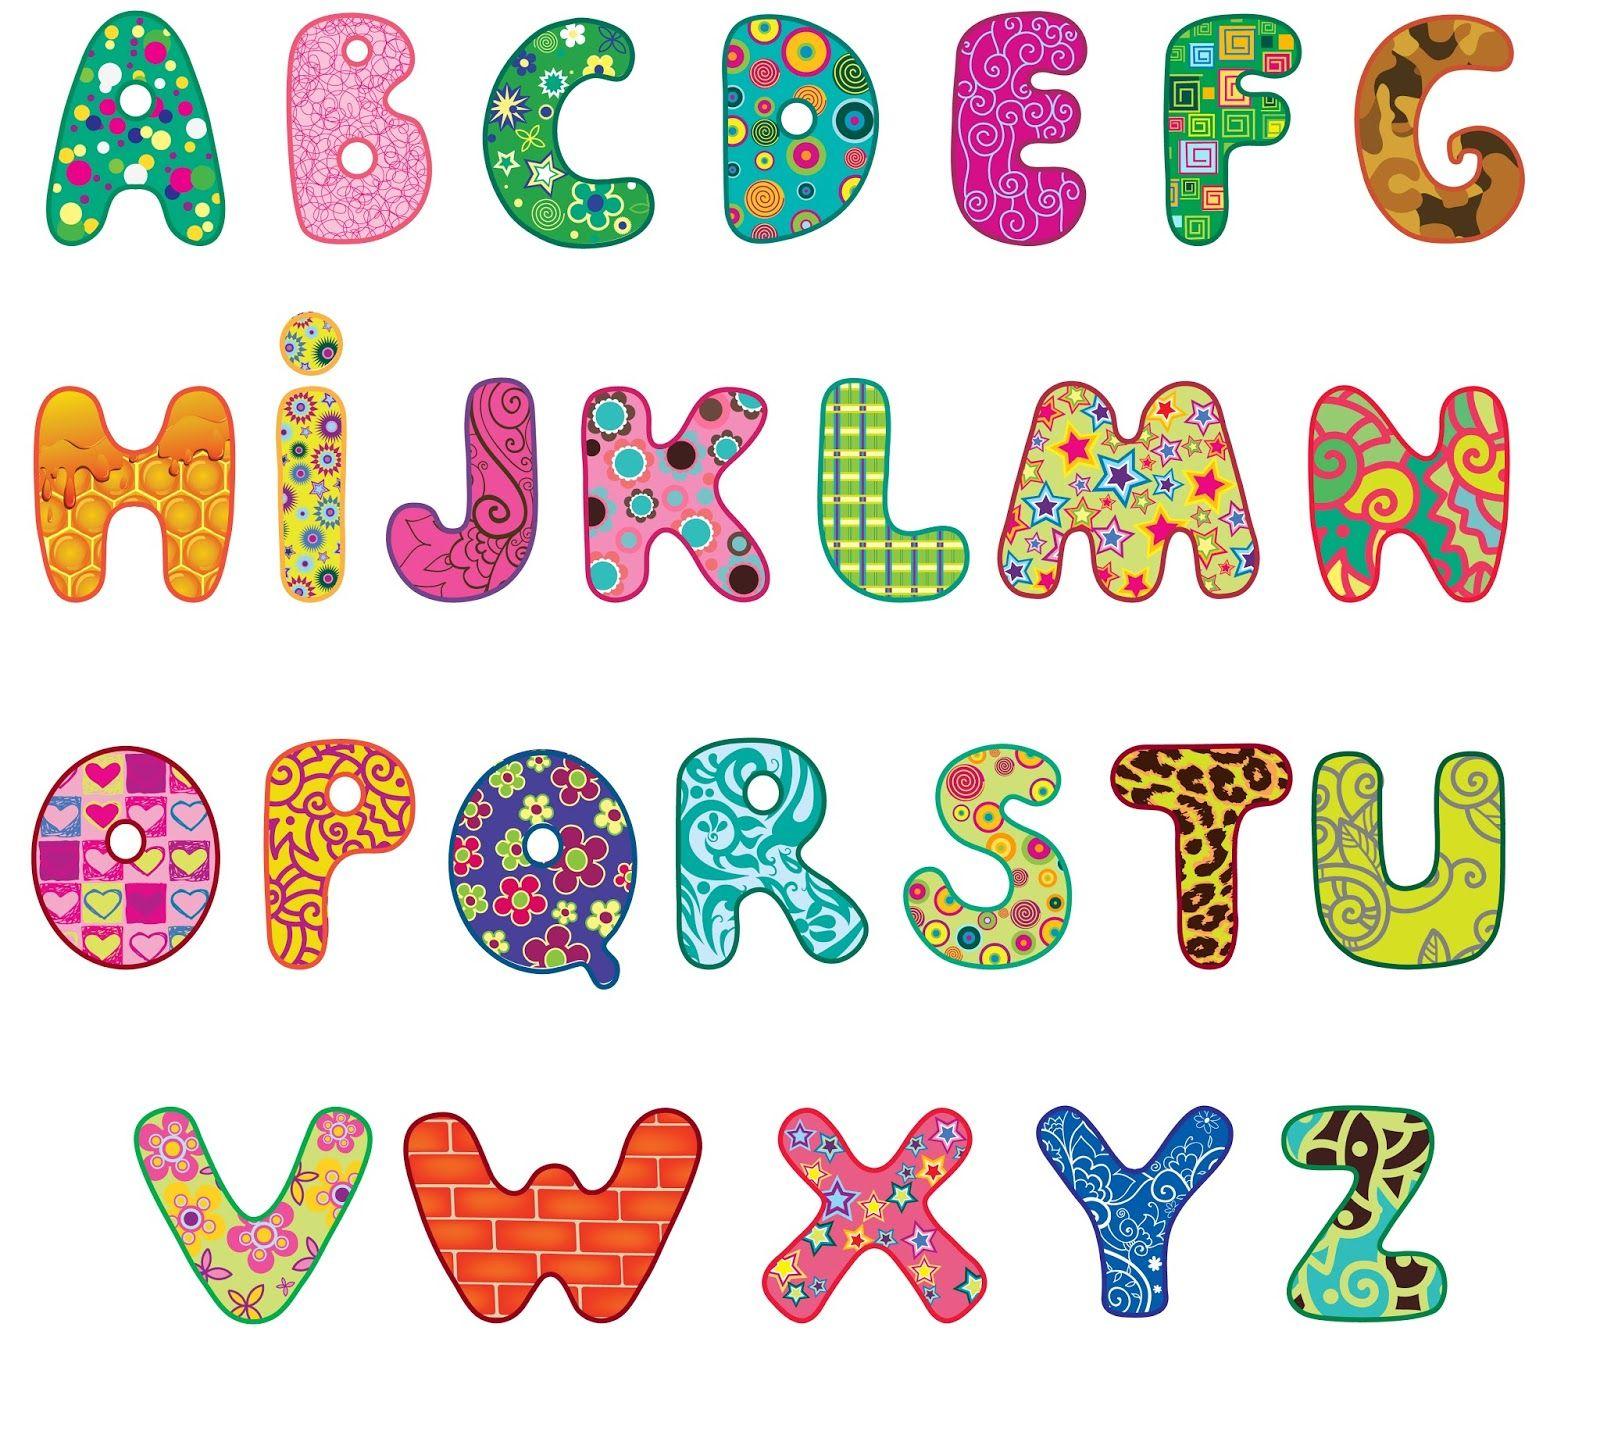 Banco de imagenes gratis 15 im genes did cticas para - Letras decorativas para ninos ...